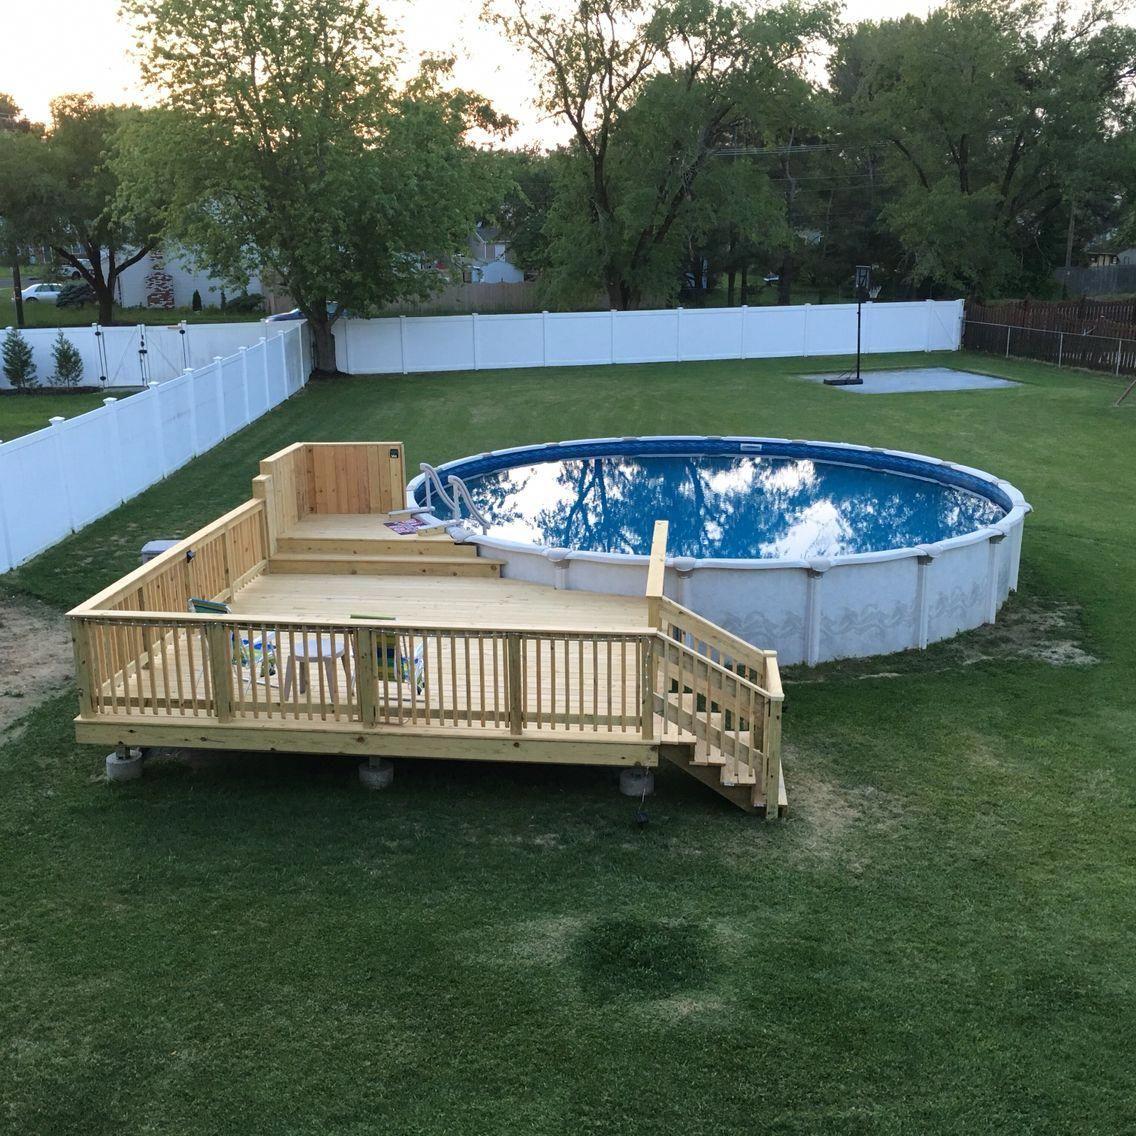 ввода подиум для бассейна на даче фото если этого